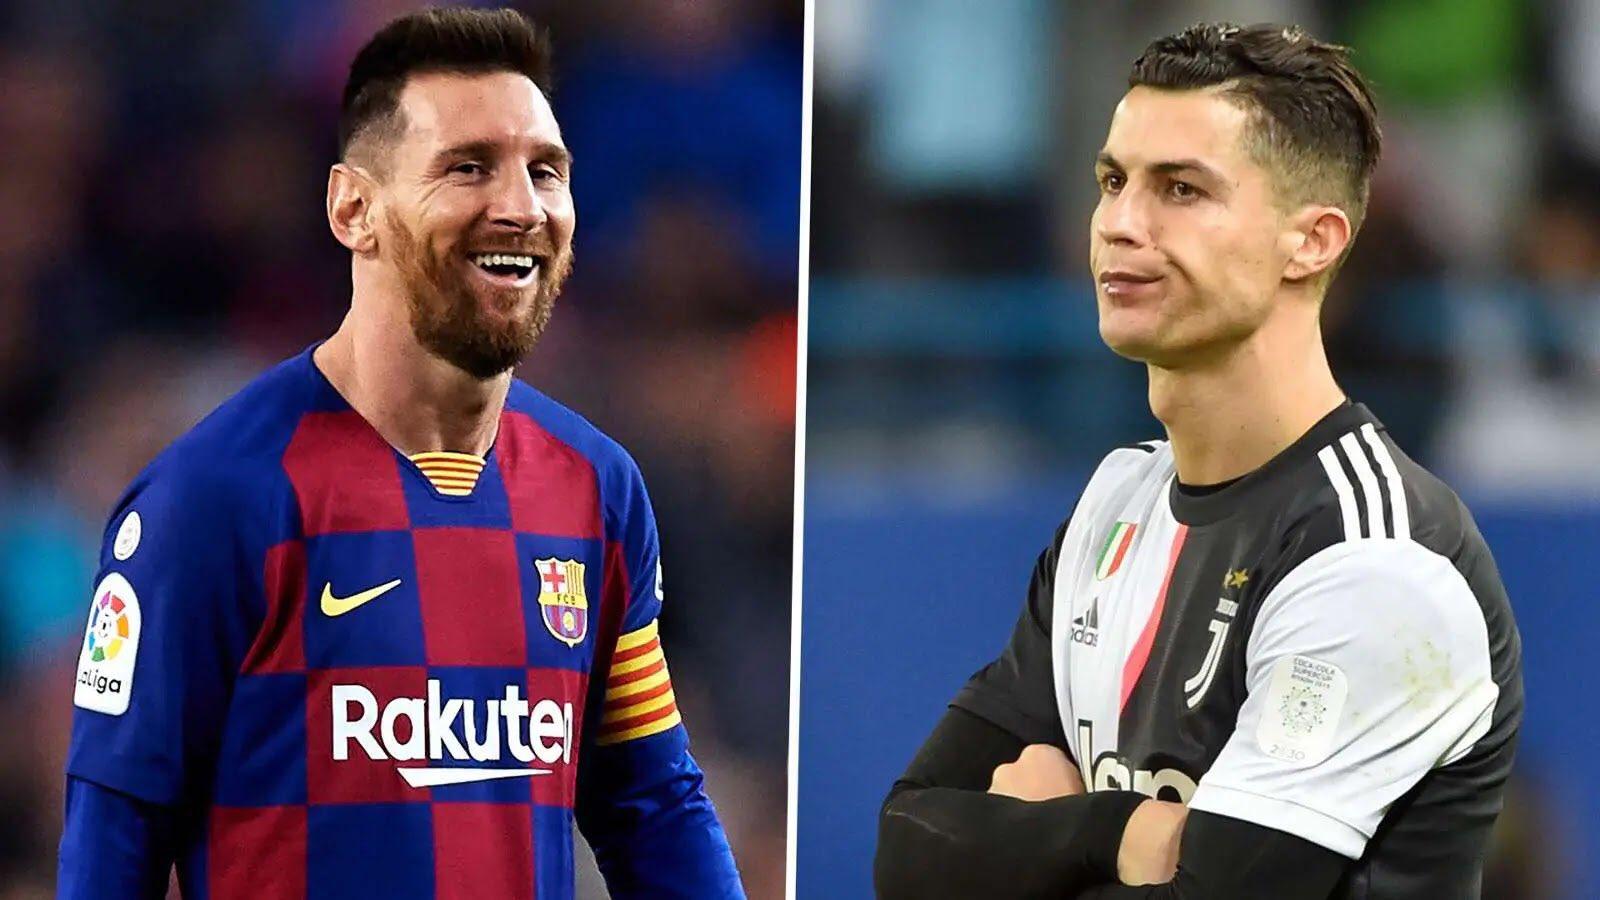 Ο Μέσι «εκθρόνισε» τον Ρονάλντο από το Instagram - Tα αστρονομικά ποσά που κερδίζουν οι δύο σούπερ σταρ του ποδοσφαίρου από τα social media